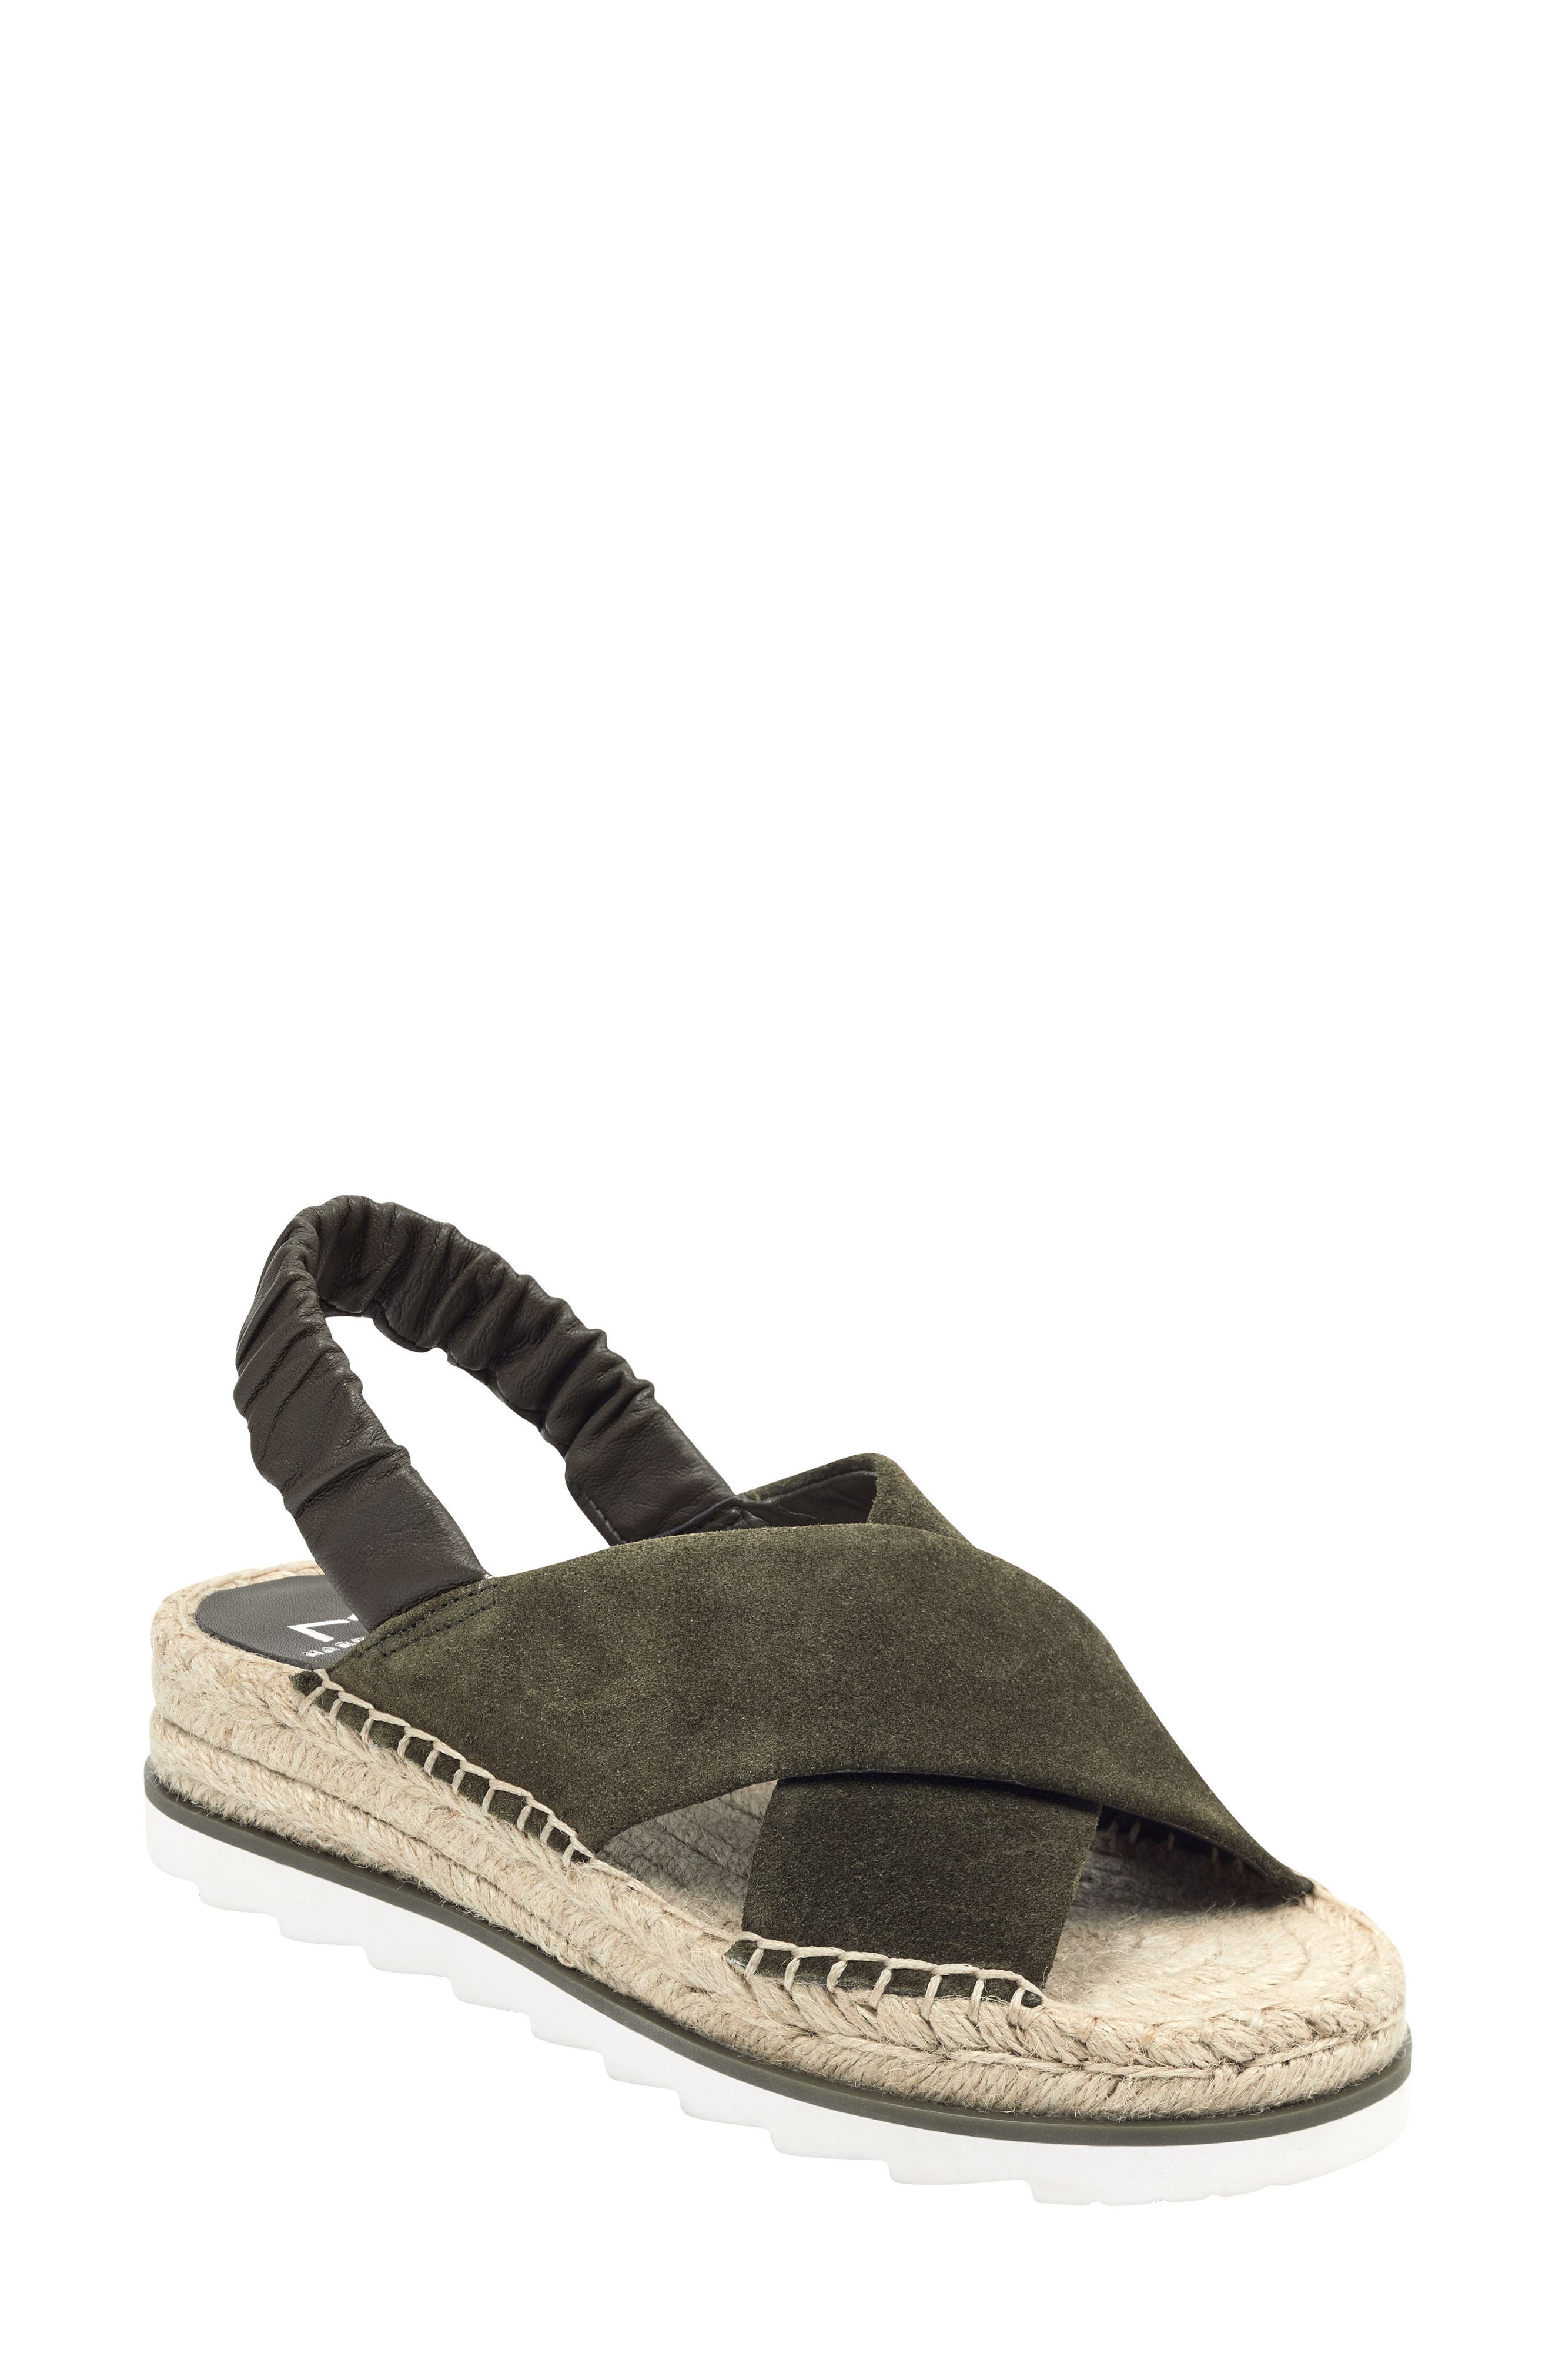 Marc Fisher Ltd Pella Sandal, Green